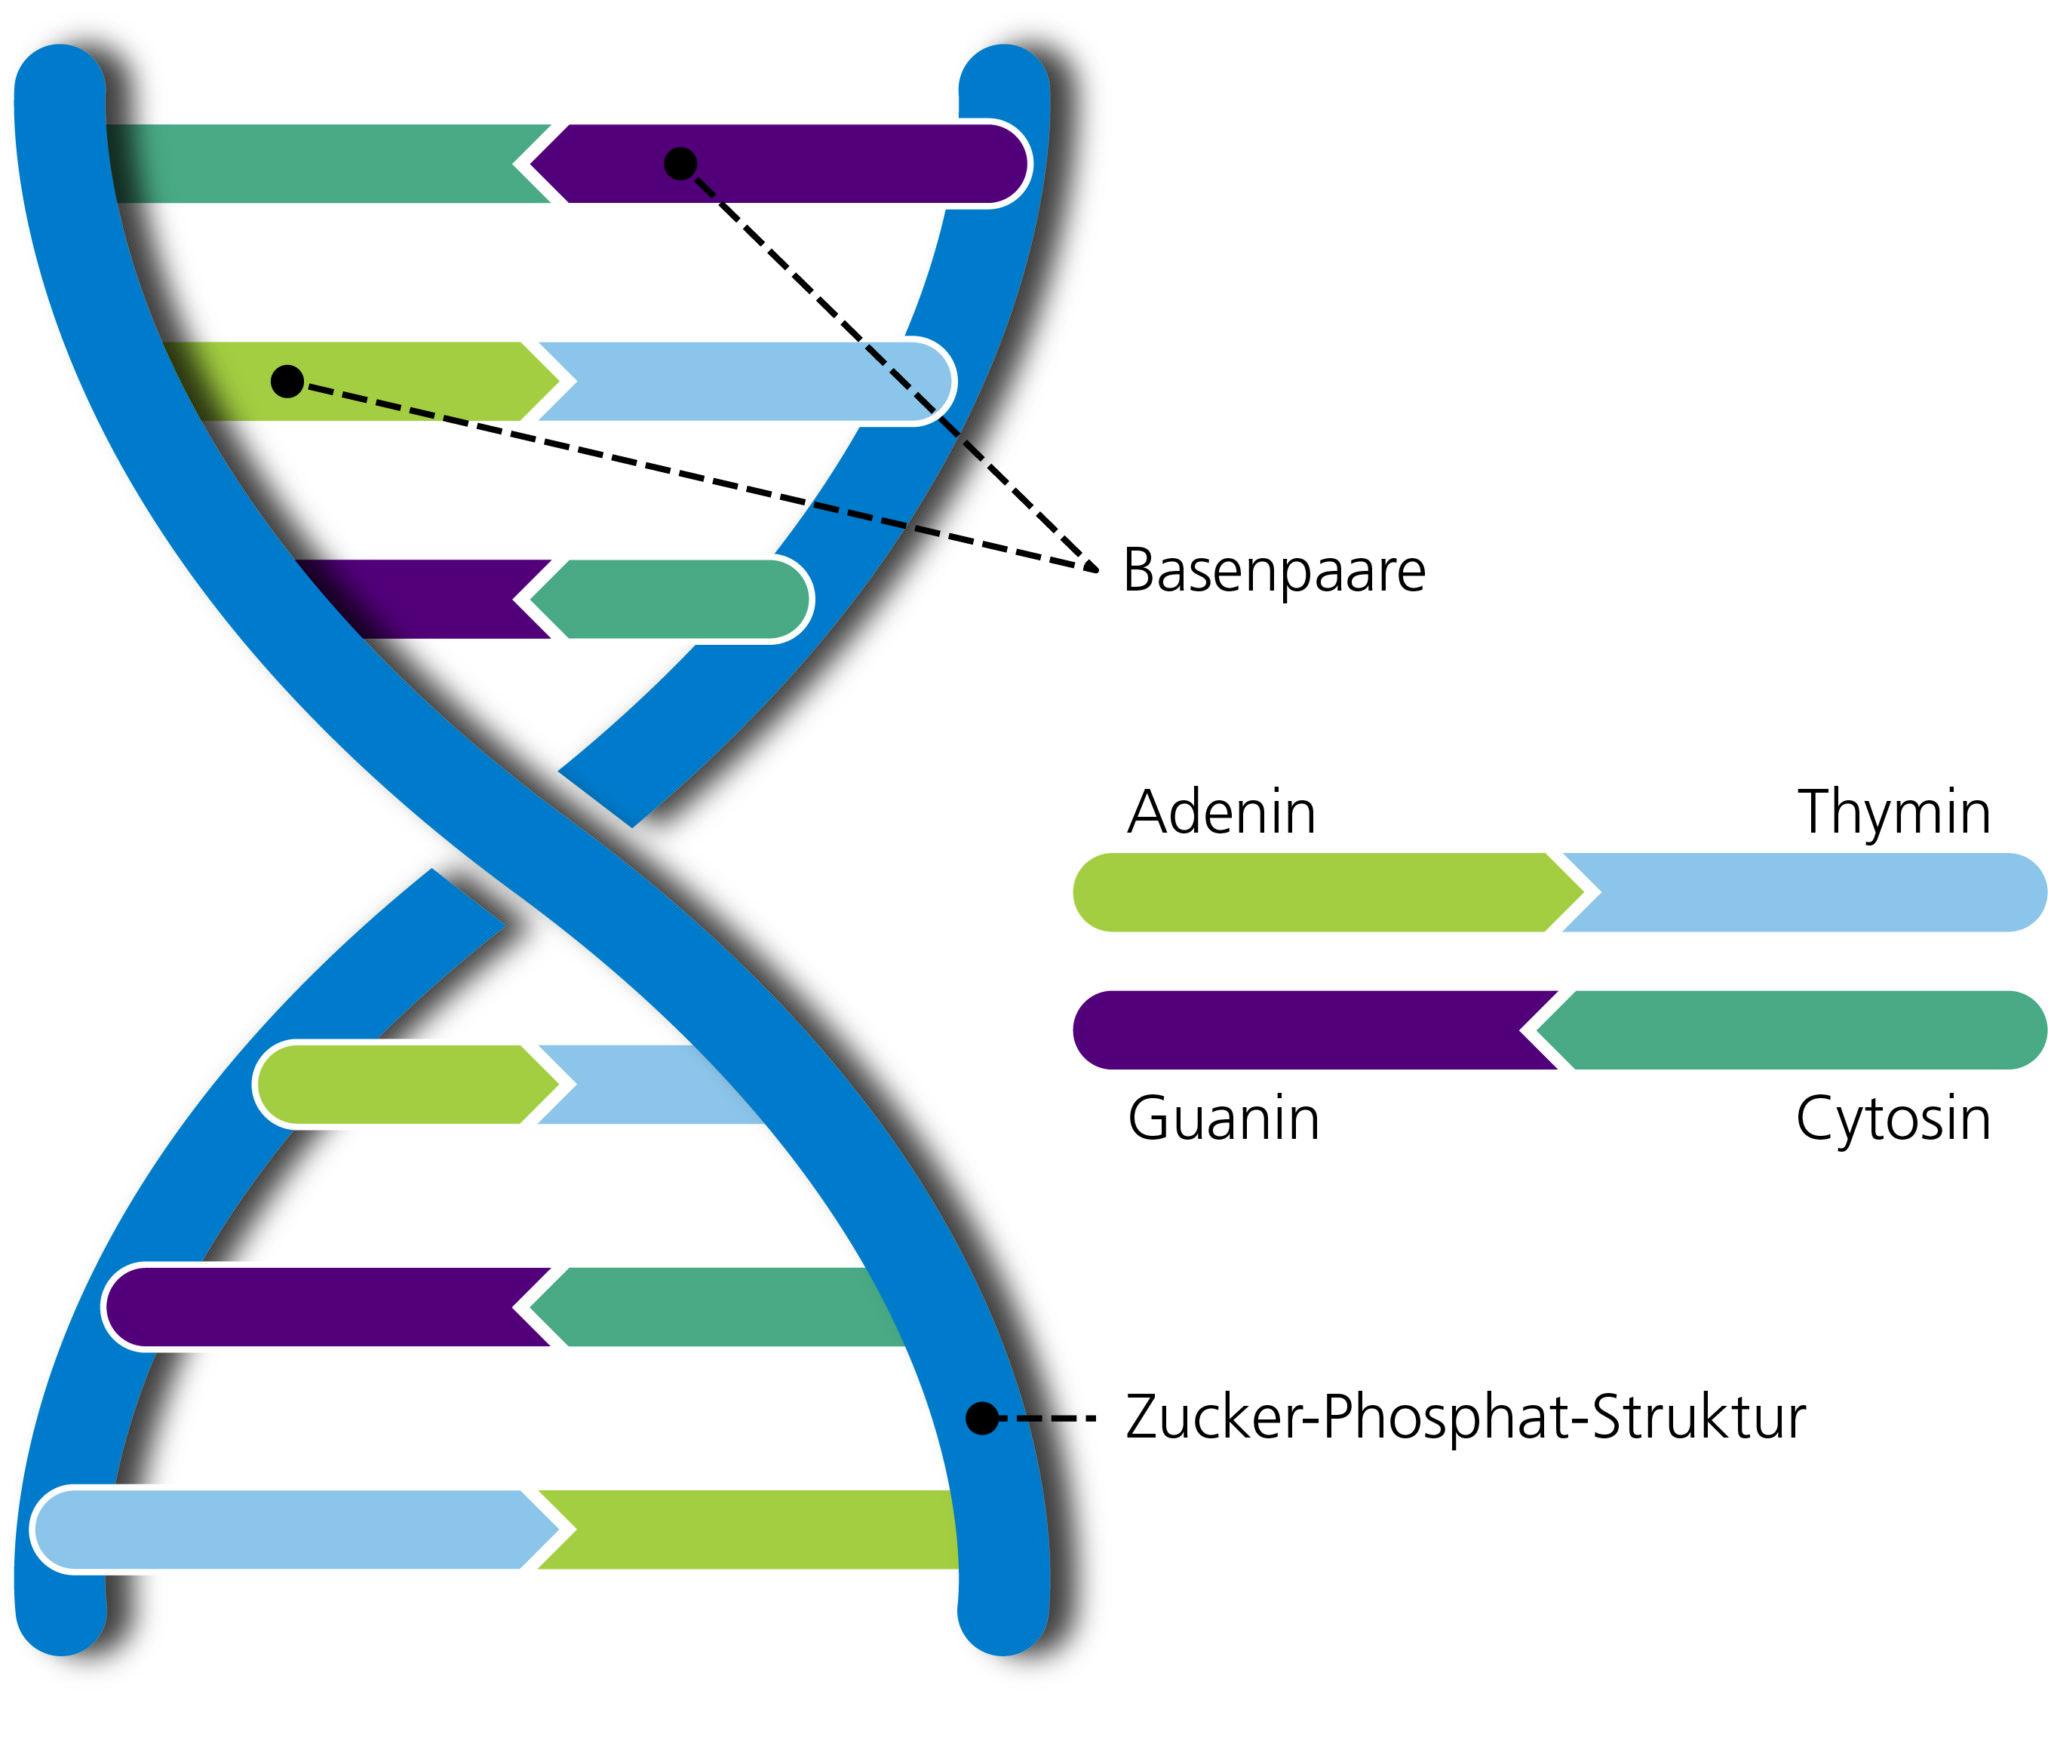 So sieht DNA mit ihren vier paarweise angeordneten Basen im Detail aus. Beim Menschen besteht die DNA aus rund 3,27 Milliarden Basenpaaren.